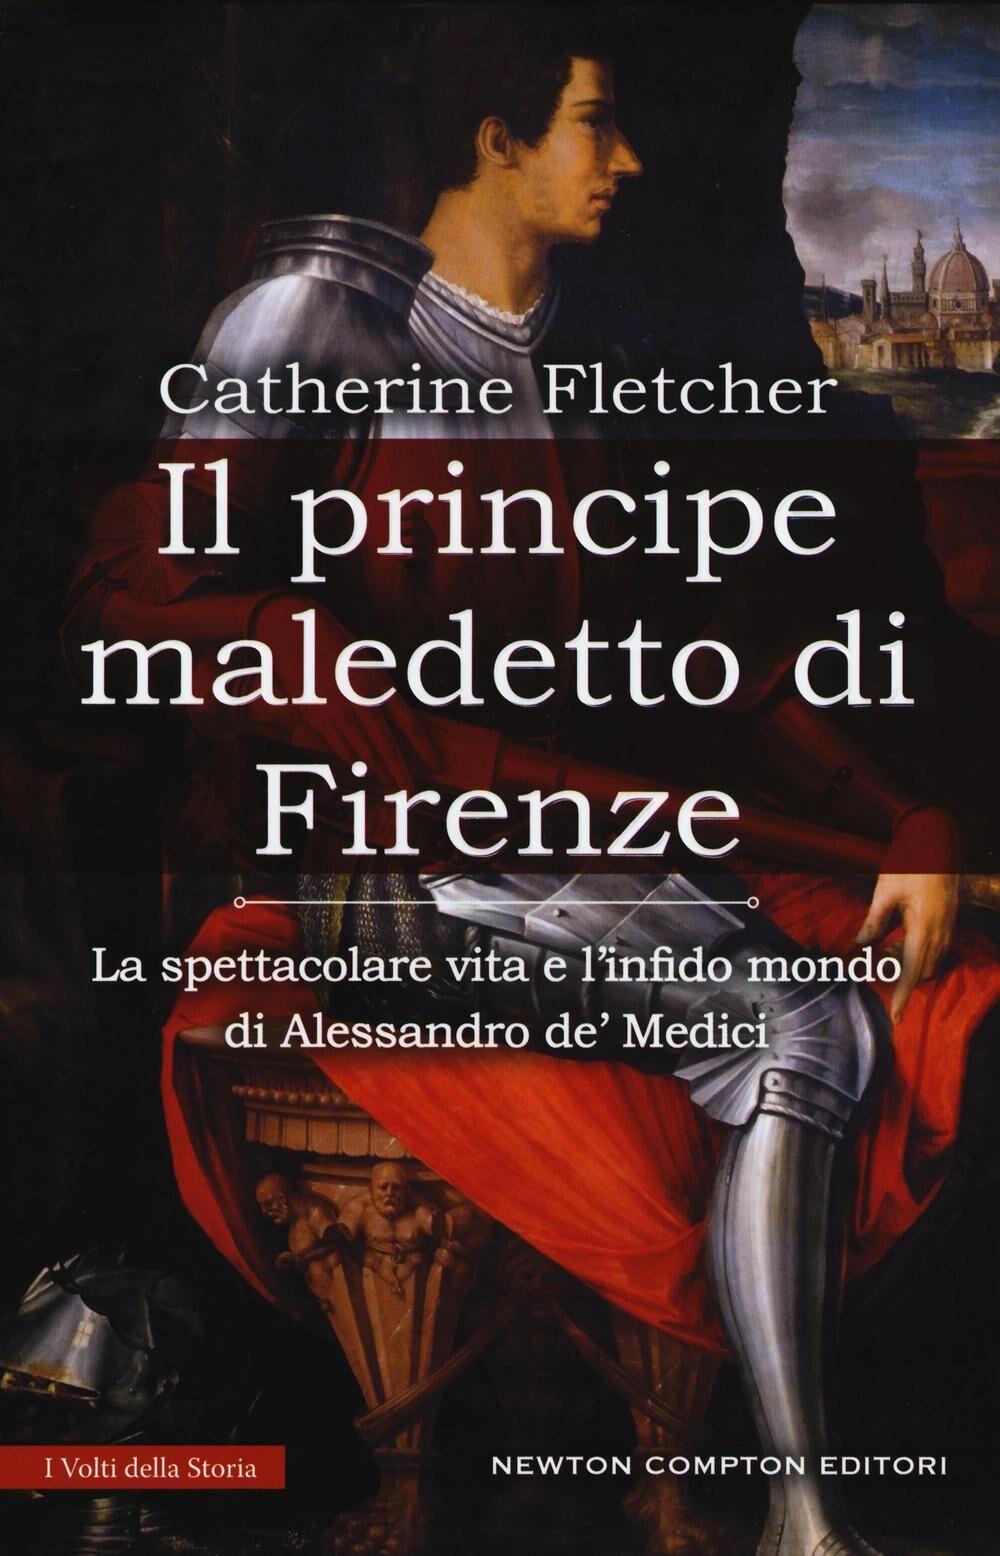 Il principe maledetto di Firenze. La spettacolare vita e l'infido mondo di Alessandro de' Medici